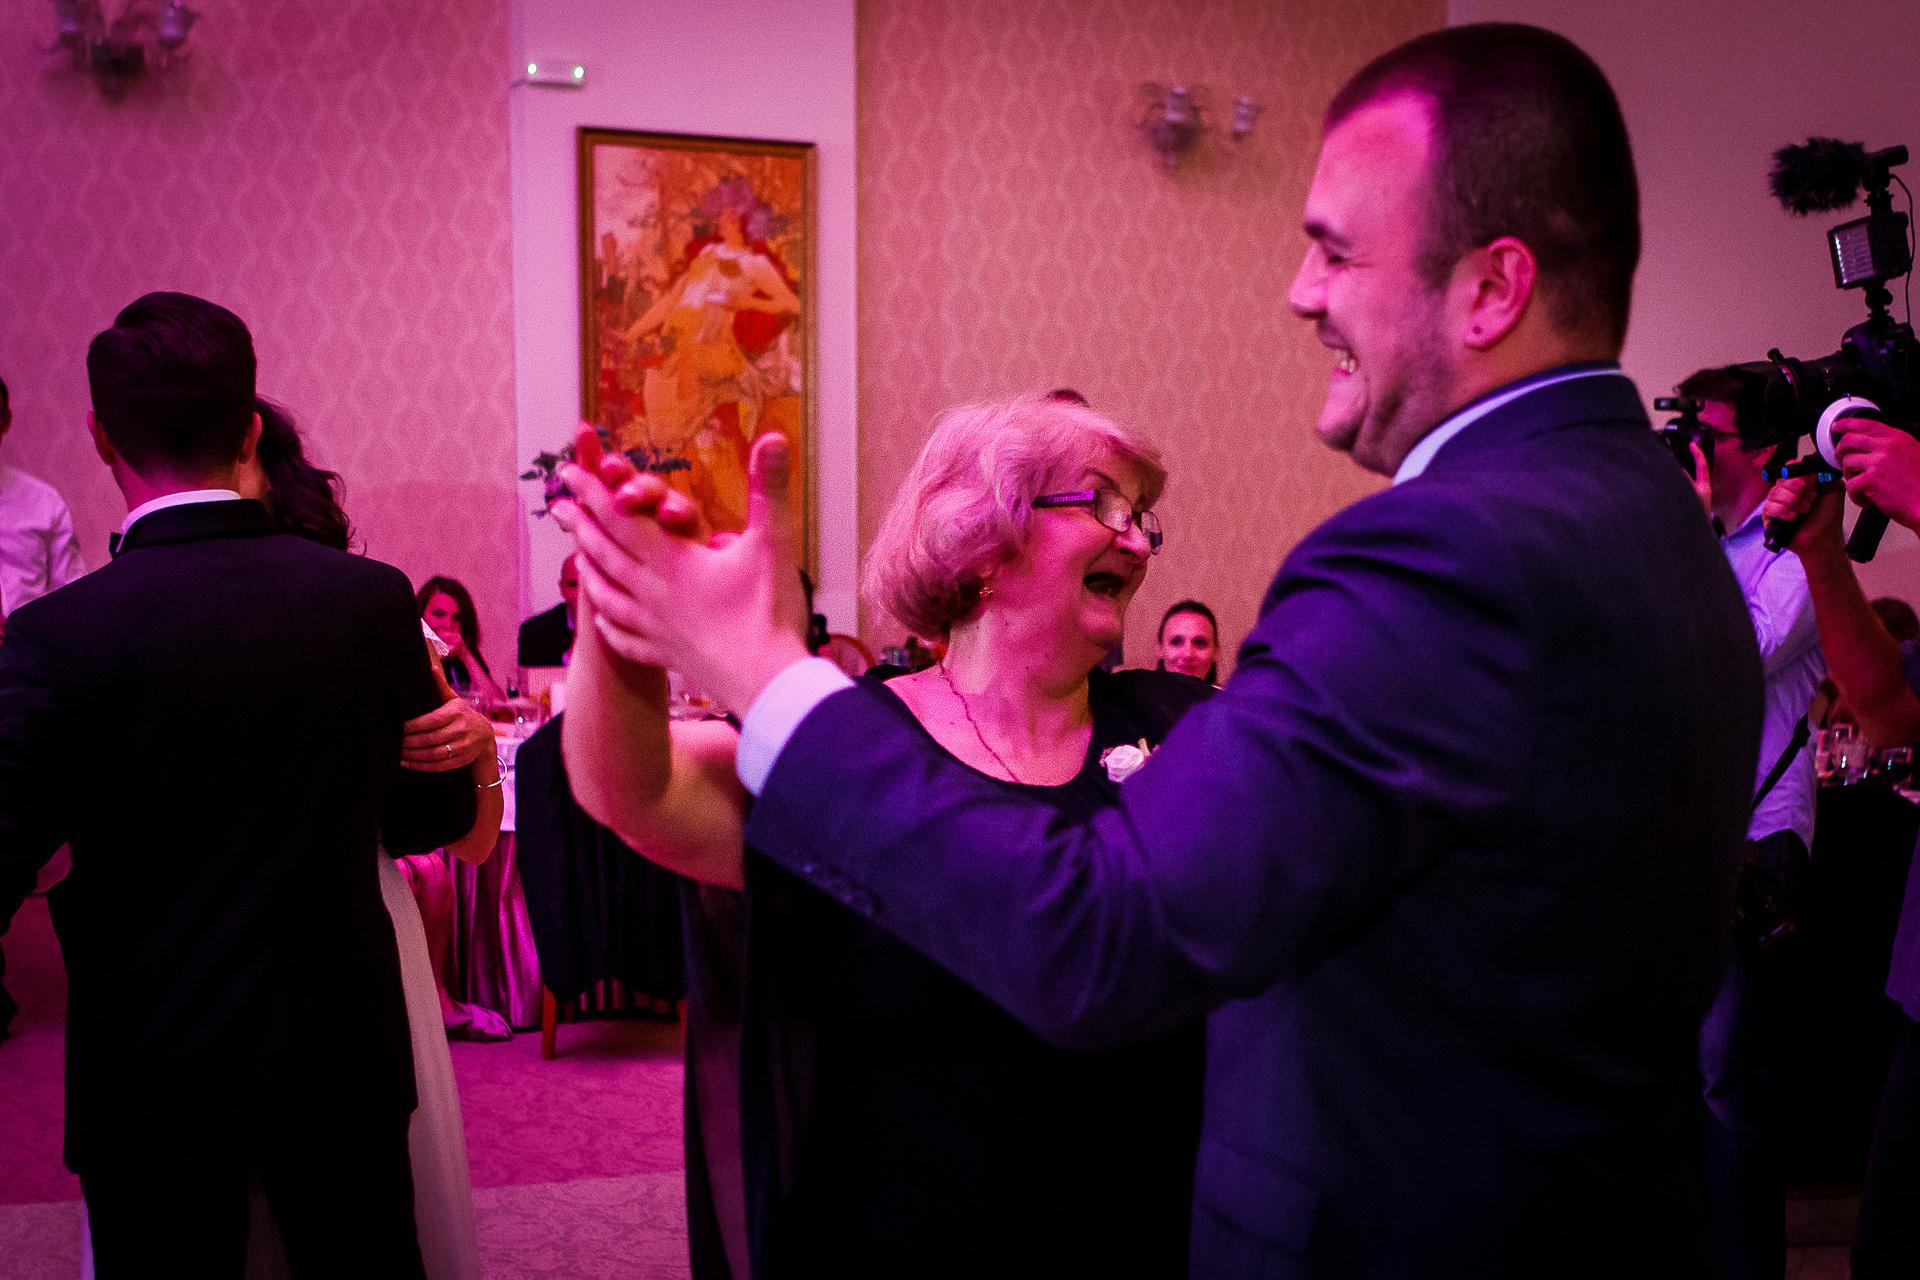 nuntă Salon Elisabeta - Elena şi Costin - Mihai Zaharia Photography - 056